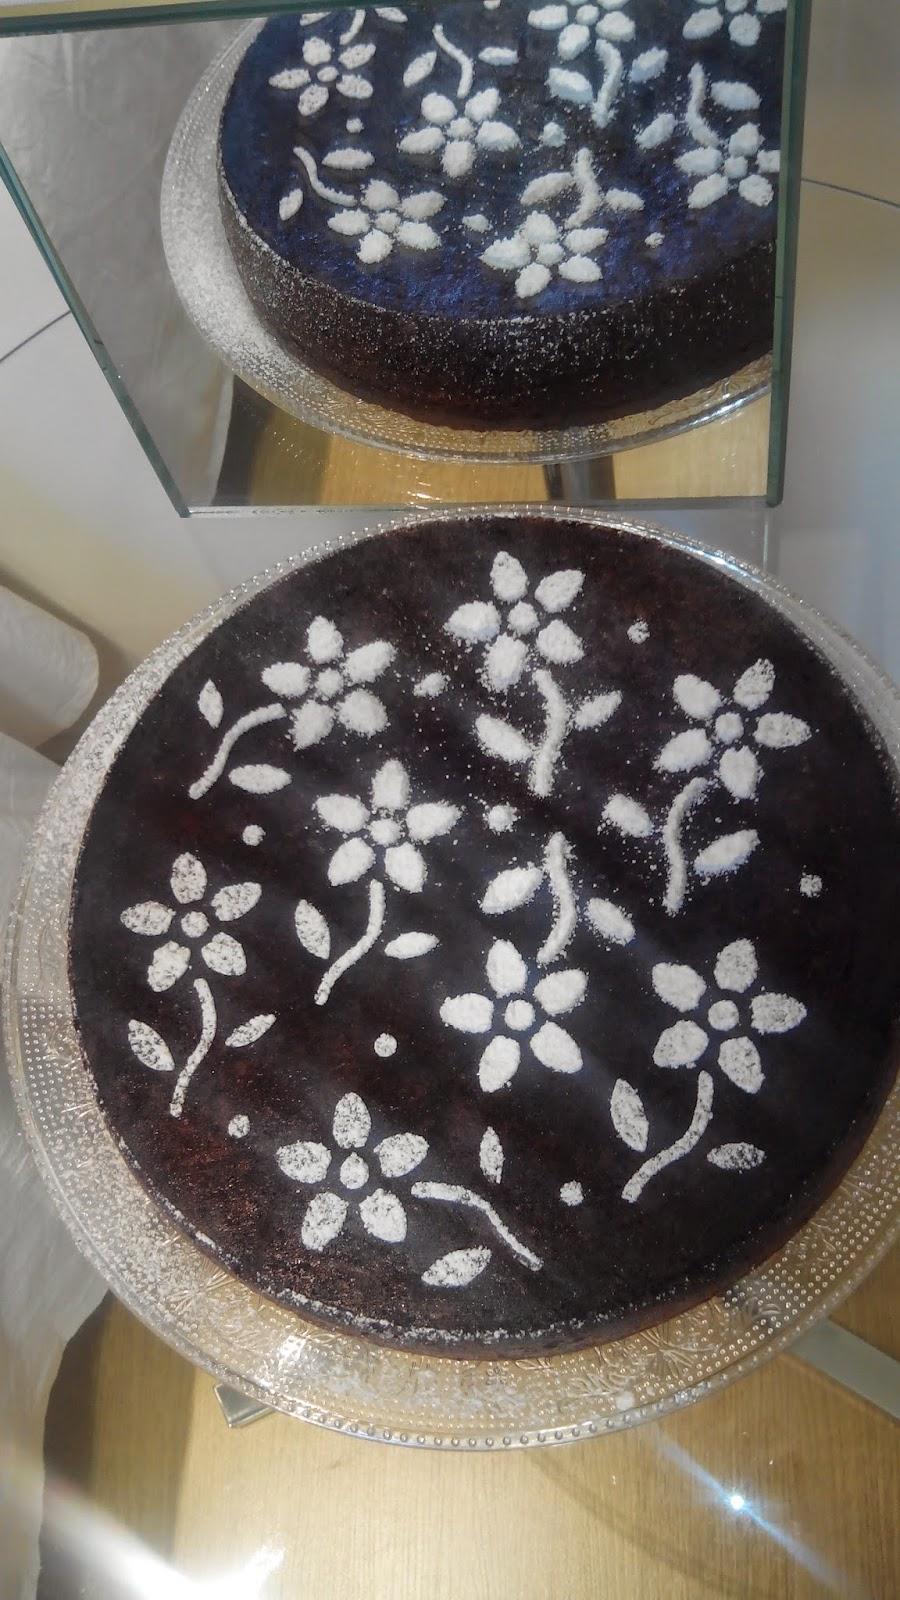 bizcocho de chocolate, tarta de chocolate, paladín,bizcocho, tarta, bizcocho de chocolate paladín que vuelve locos a los niños, tarta cumpleaños